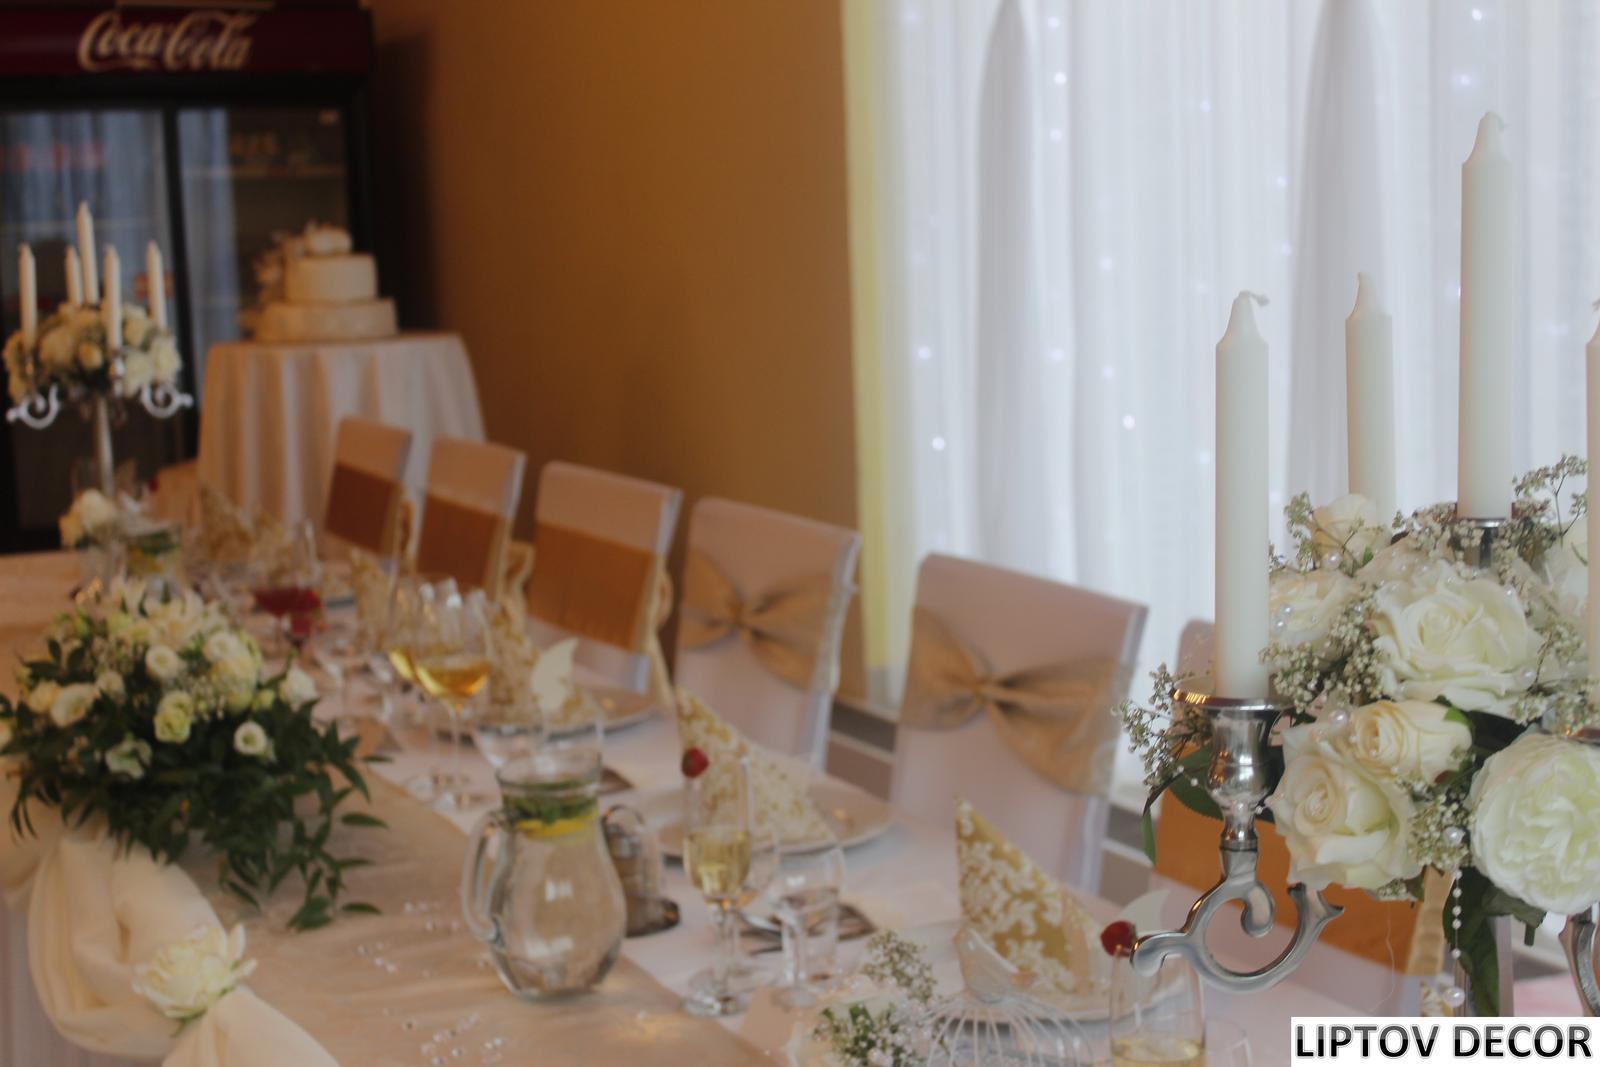 Svadobná výzdoba - HOTEL HRABOVO RUŽOMBEROK - Obrázok č. 15